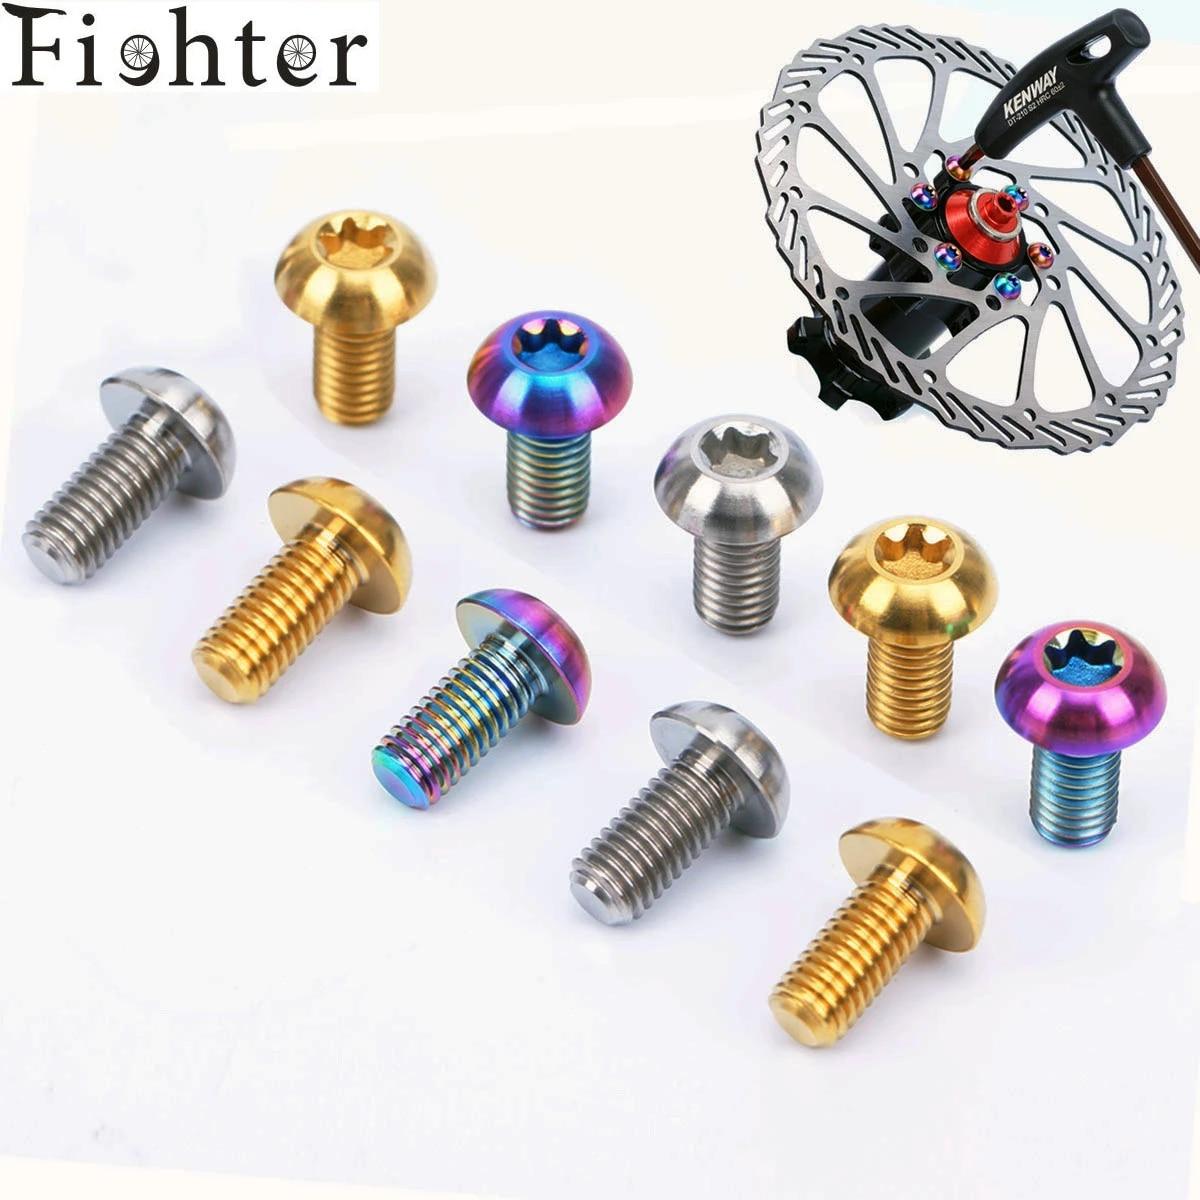 12 STÜCKE Leichte Fahrrad Scheibenbremse Rotor T25 Schrauben Radfahren Zubehör